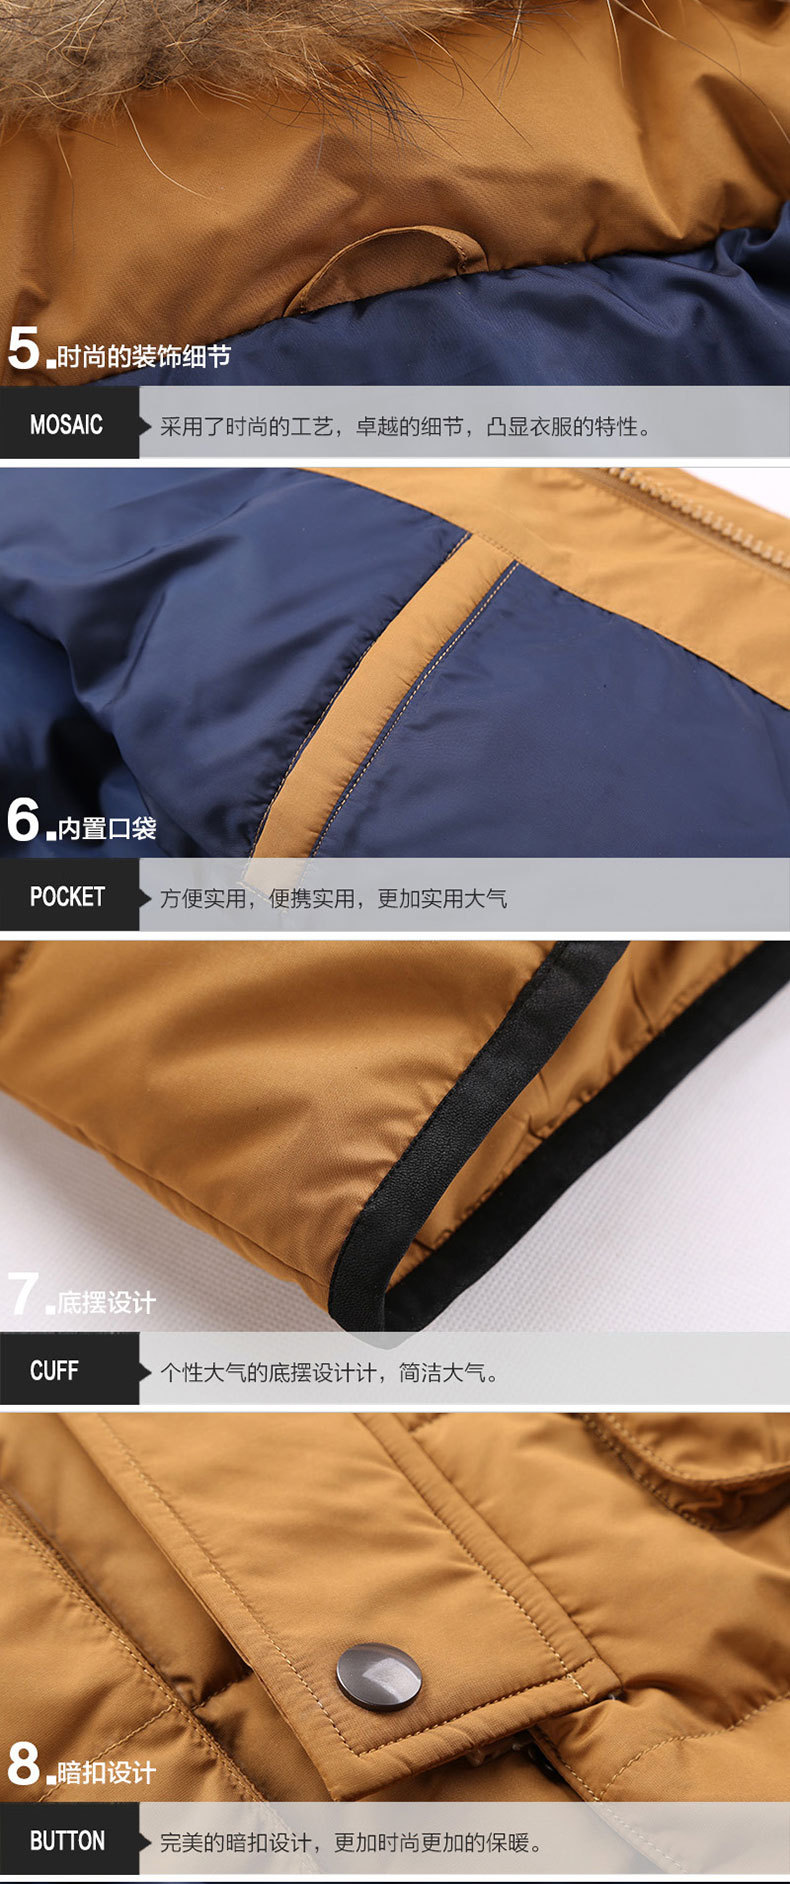 Скидки на Мужская мода енот Надьямарош воротник пиджаки Ветровка Ветрозащитный теплые Куртки Вниз Пальто куртка Плюс размер